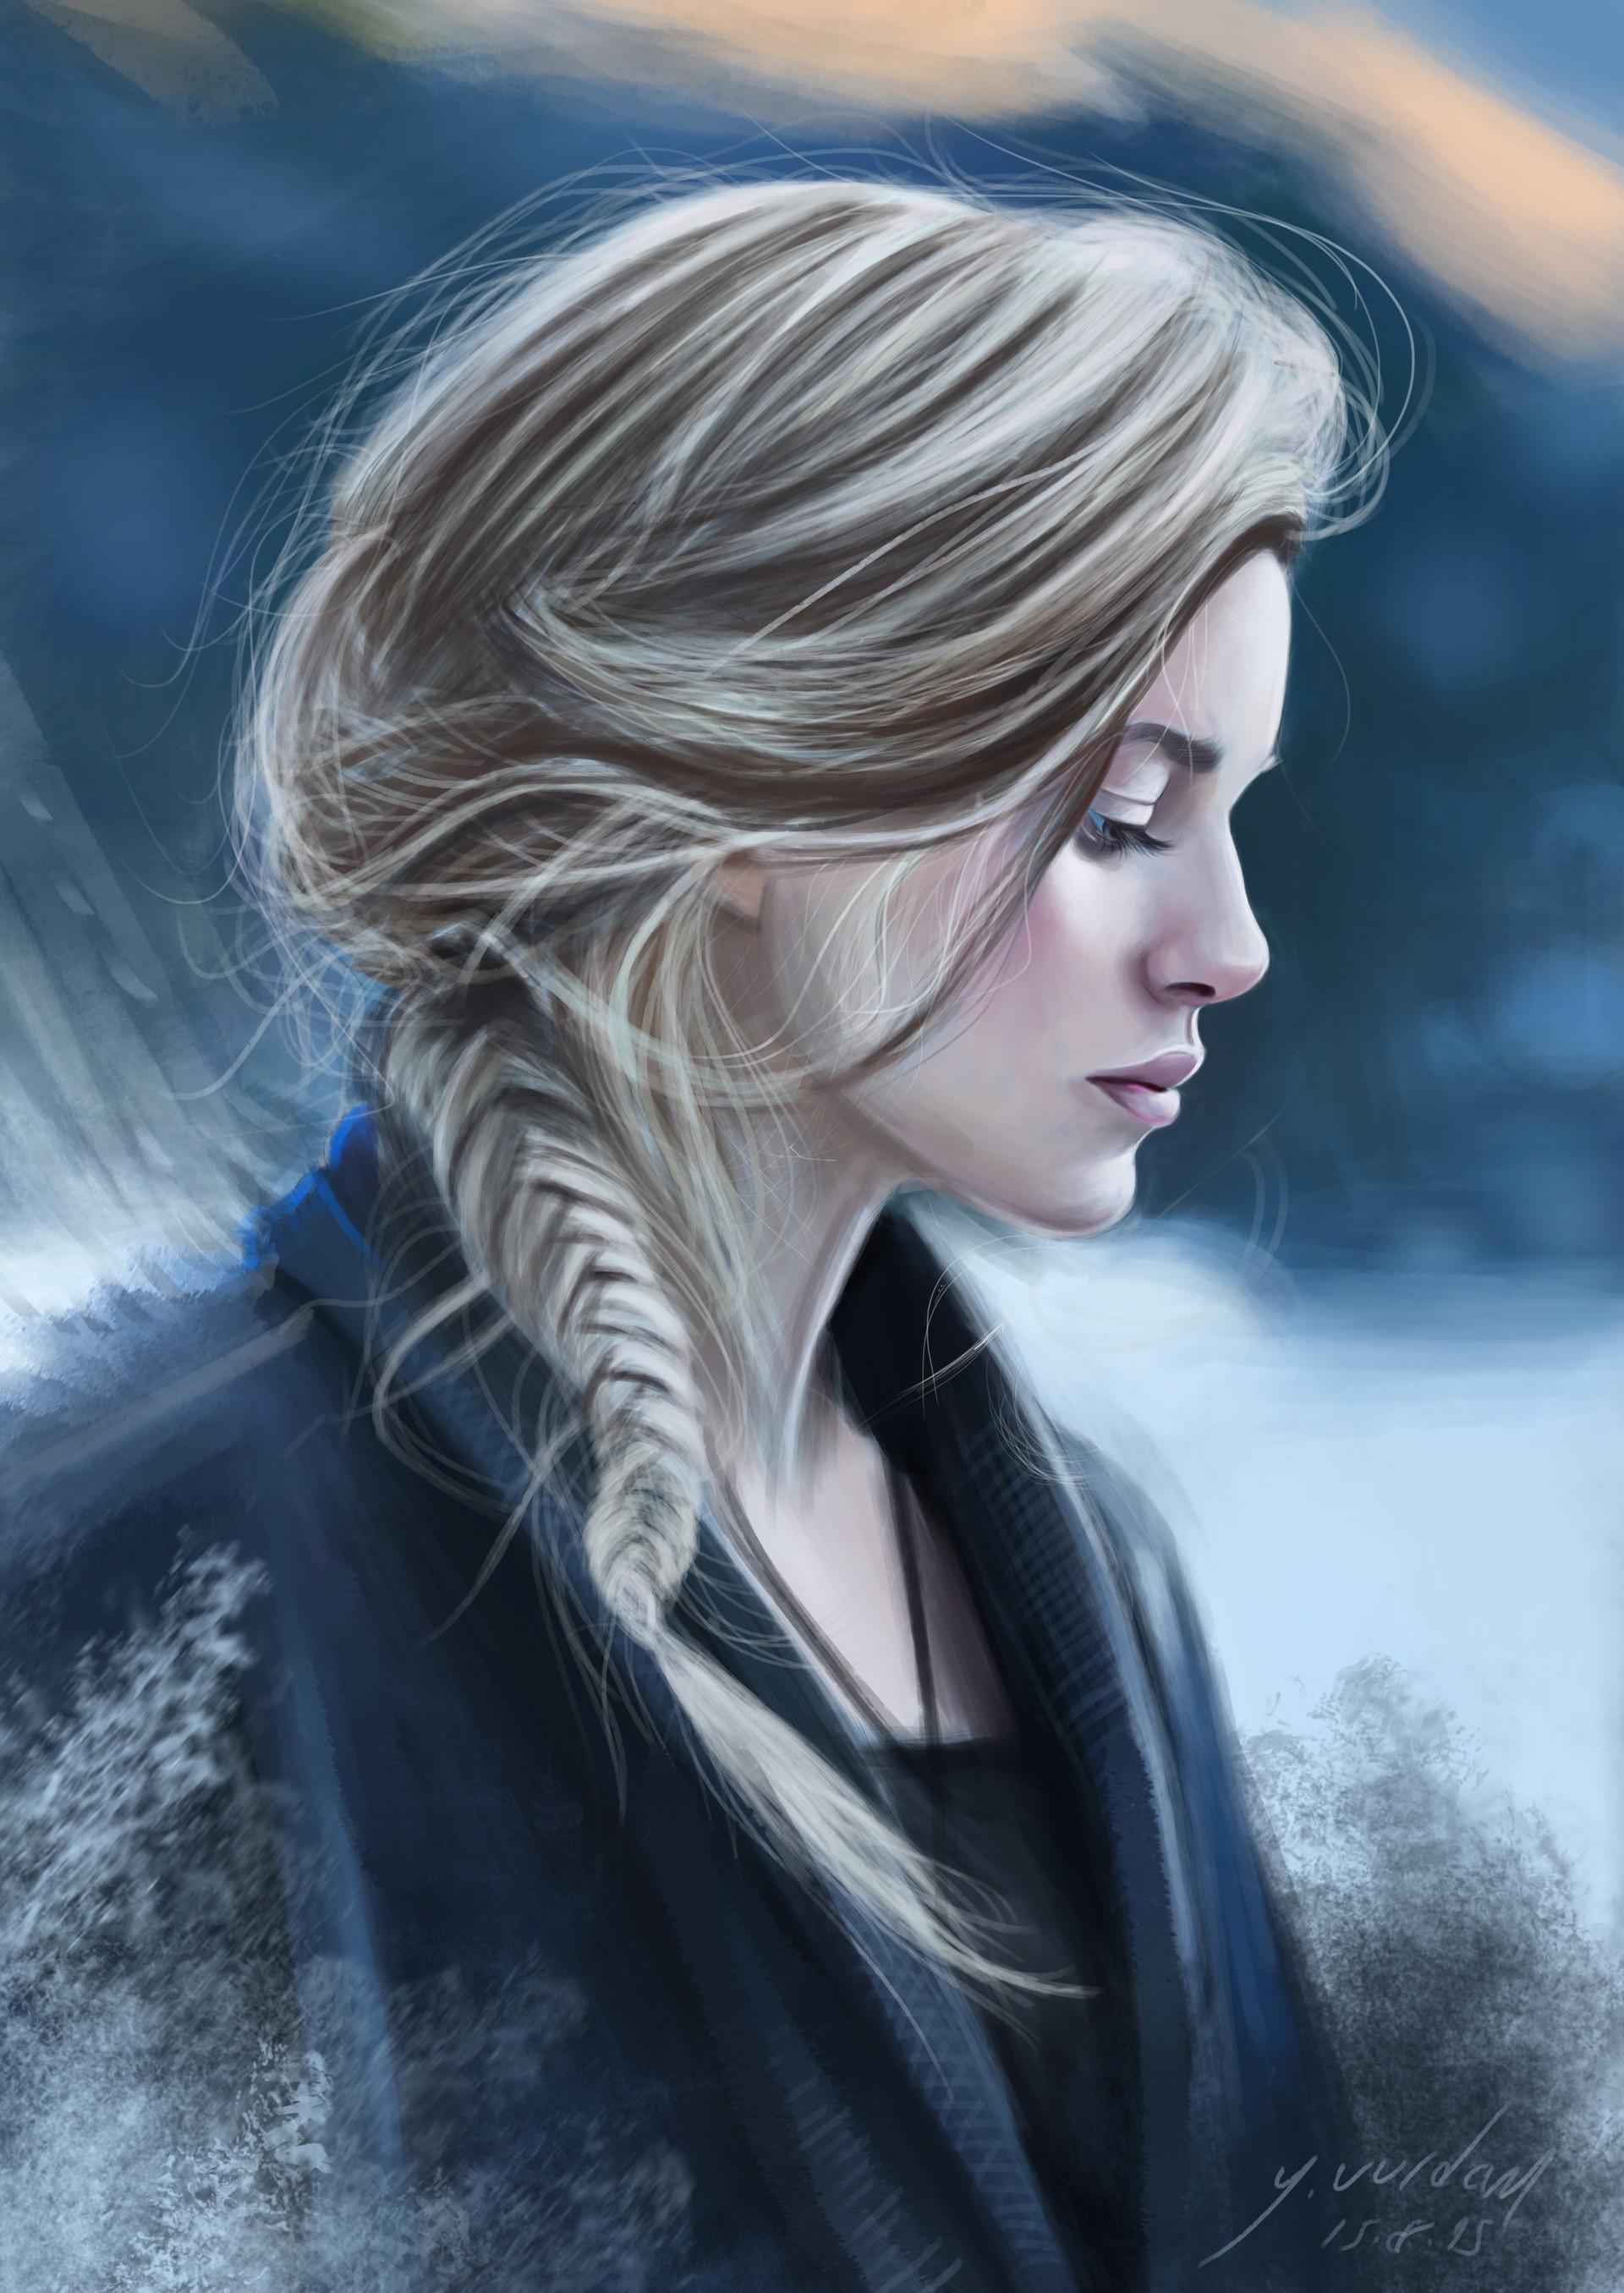 artstation - blonde girl yaar